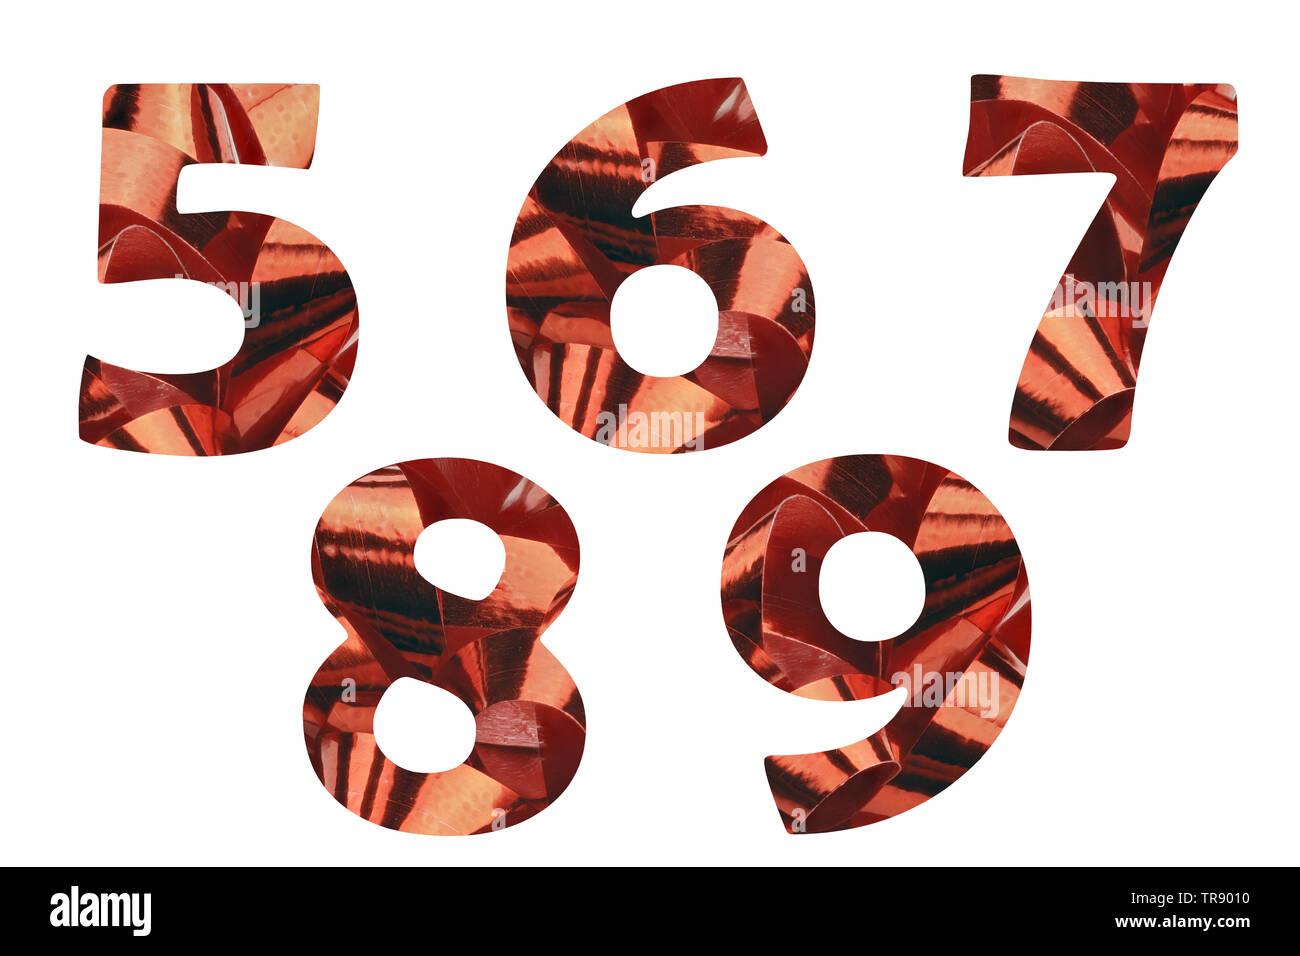 Establecer con los números 5,6,7,8 y 9 cortada de un close-up de una cinta de regalo roja Imagen De Stock